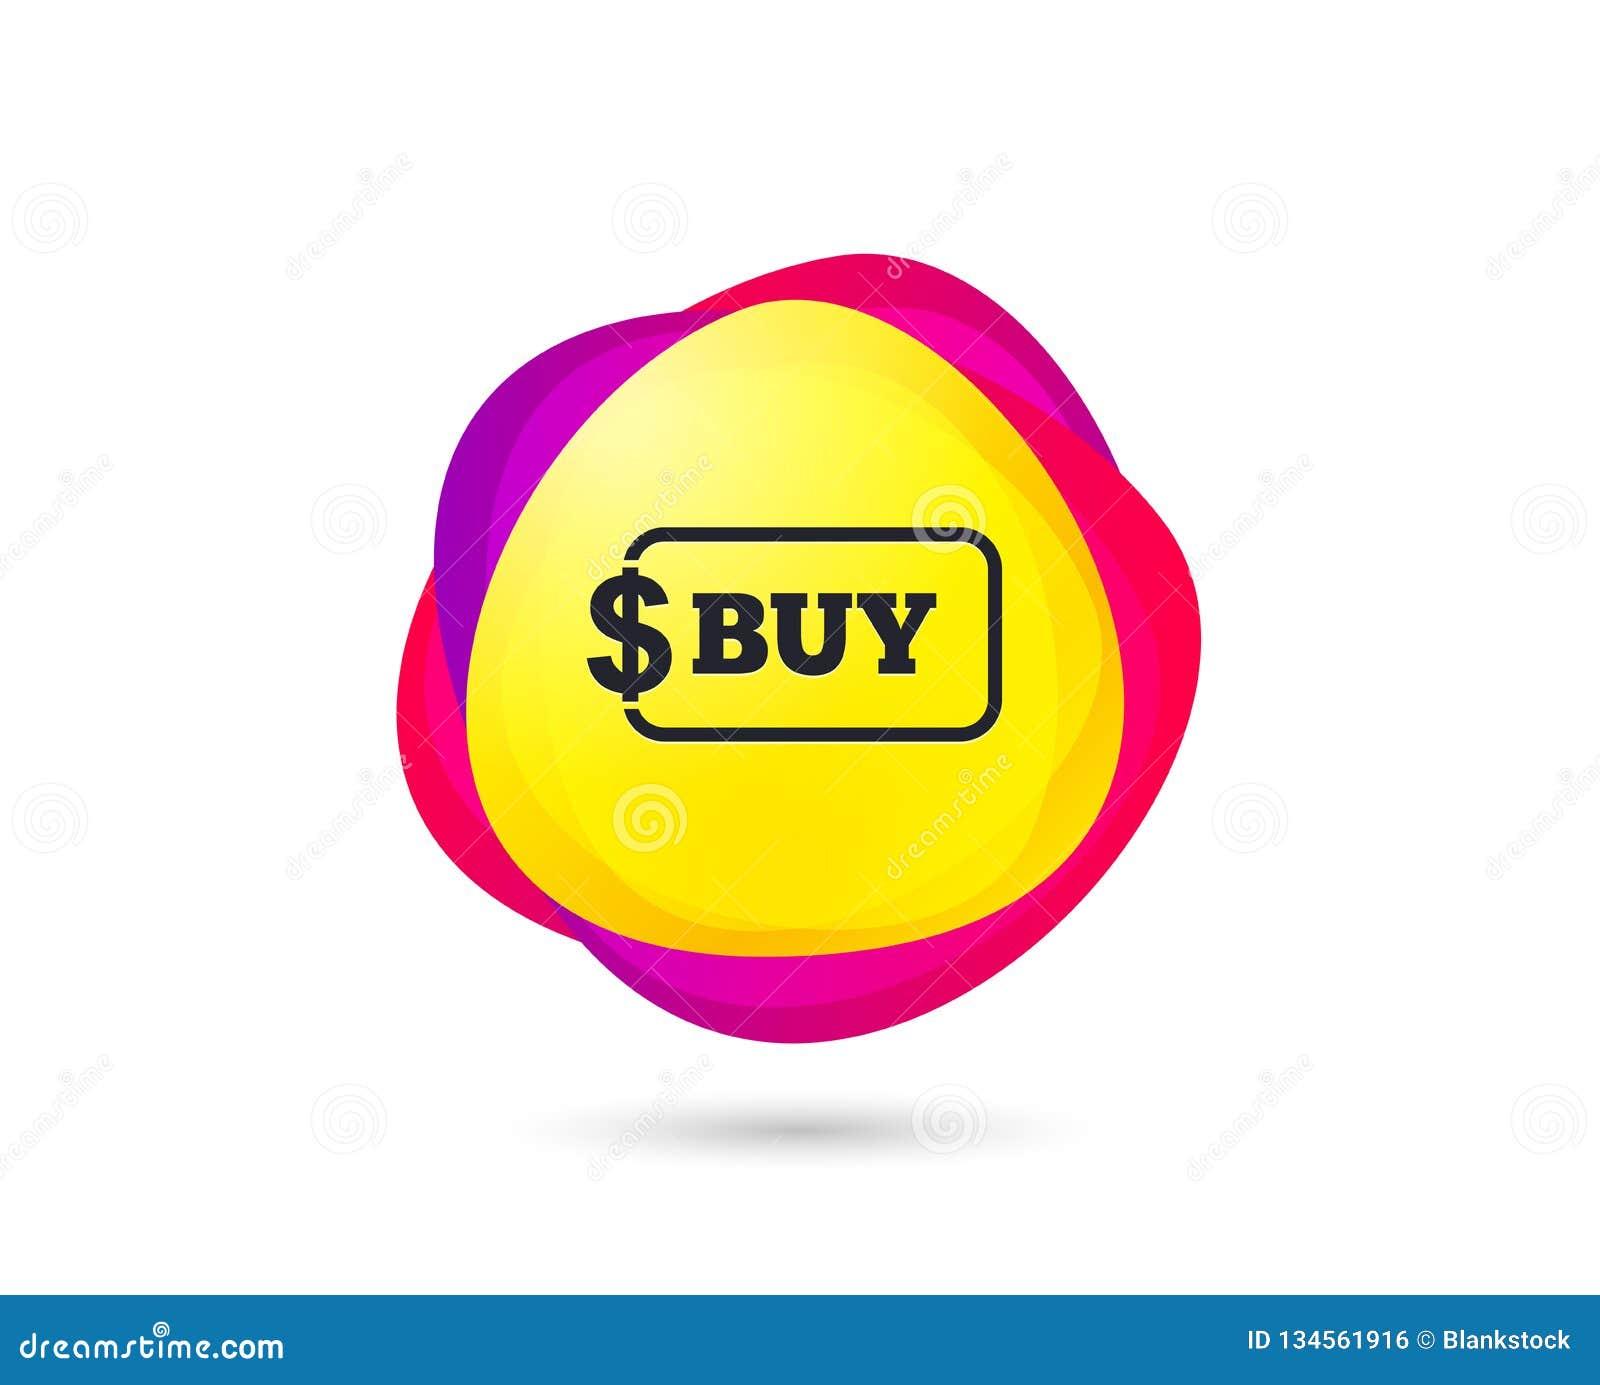 Prenotazione cambio valuta online